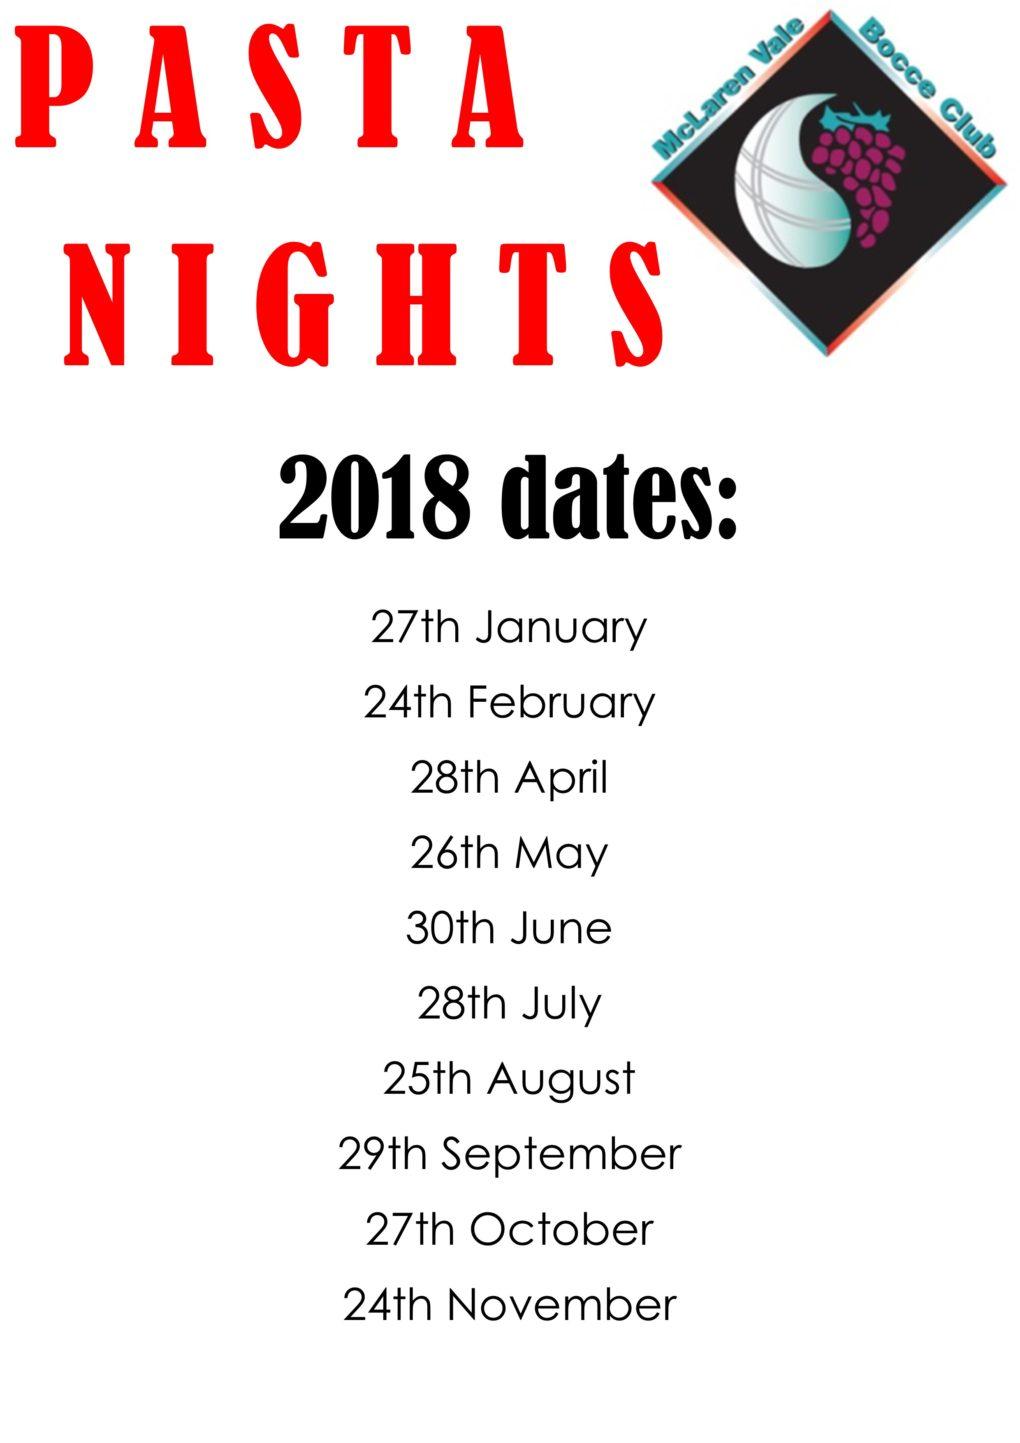 Pasta nights 2018